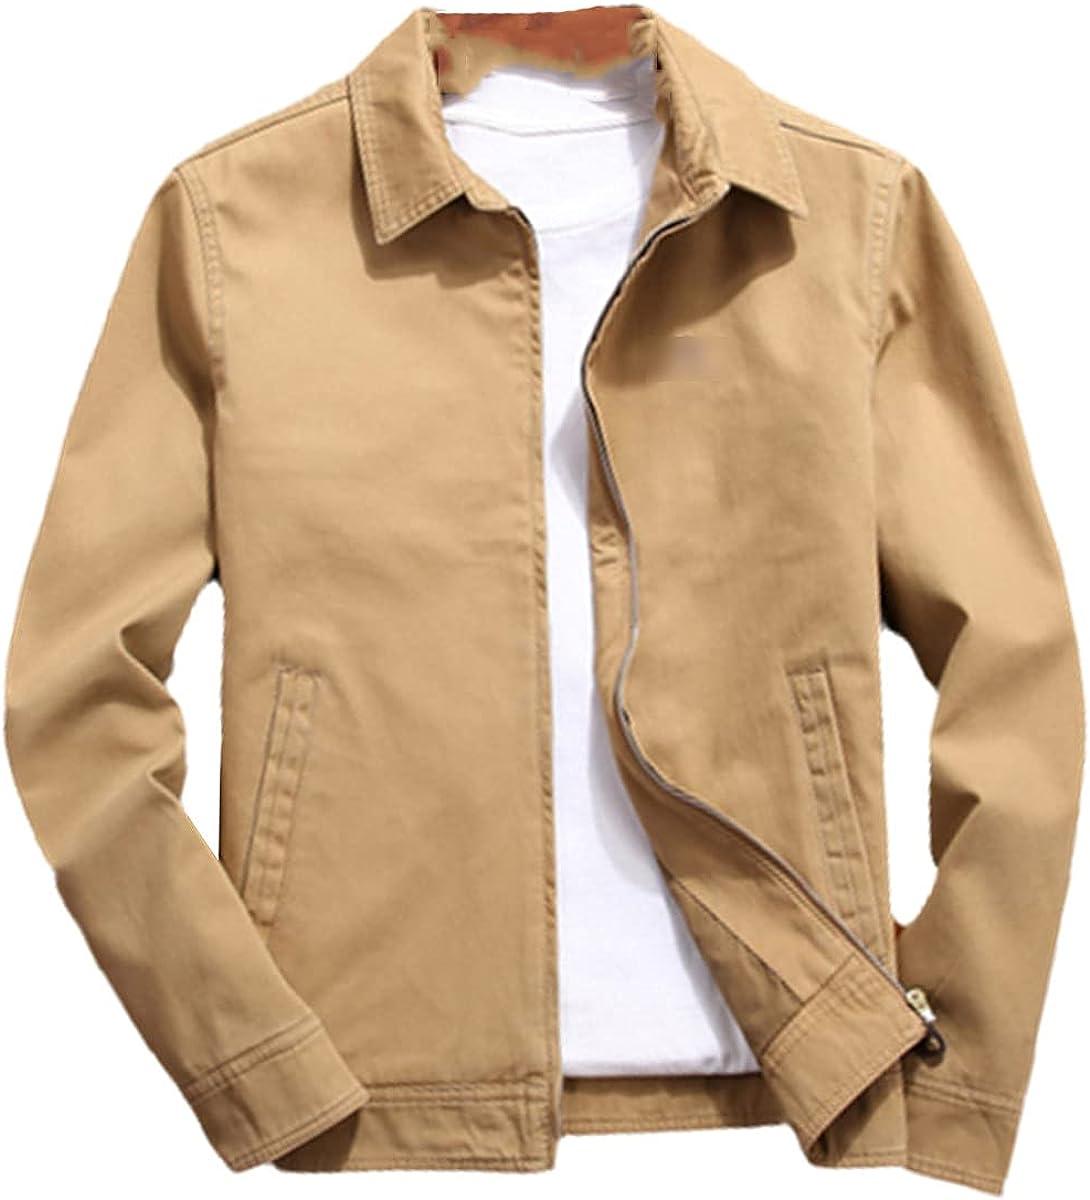 Fall Men's Bomber Jacket Jacket Cotton Jacket Fashion Slim Lapel Business Jacket Men's Clothing